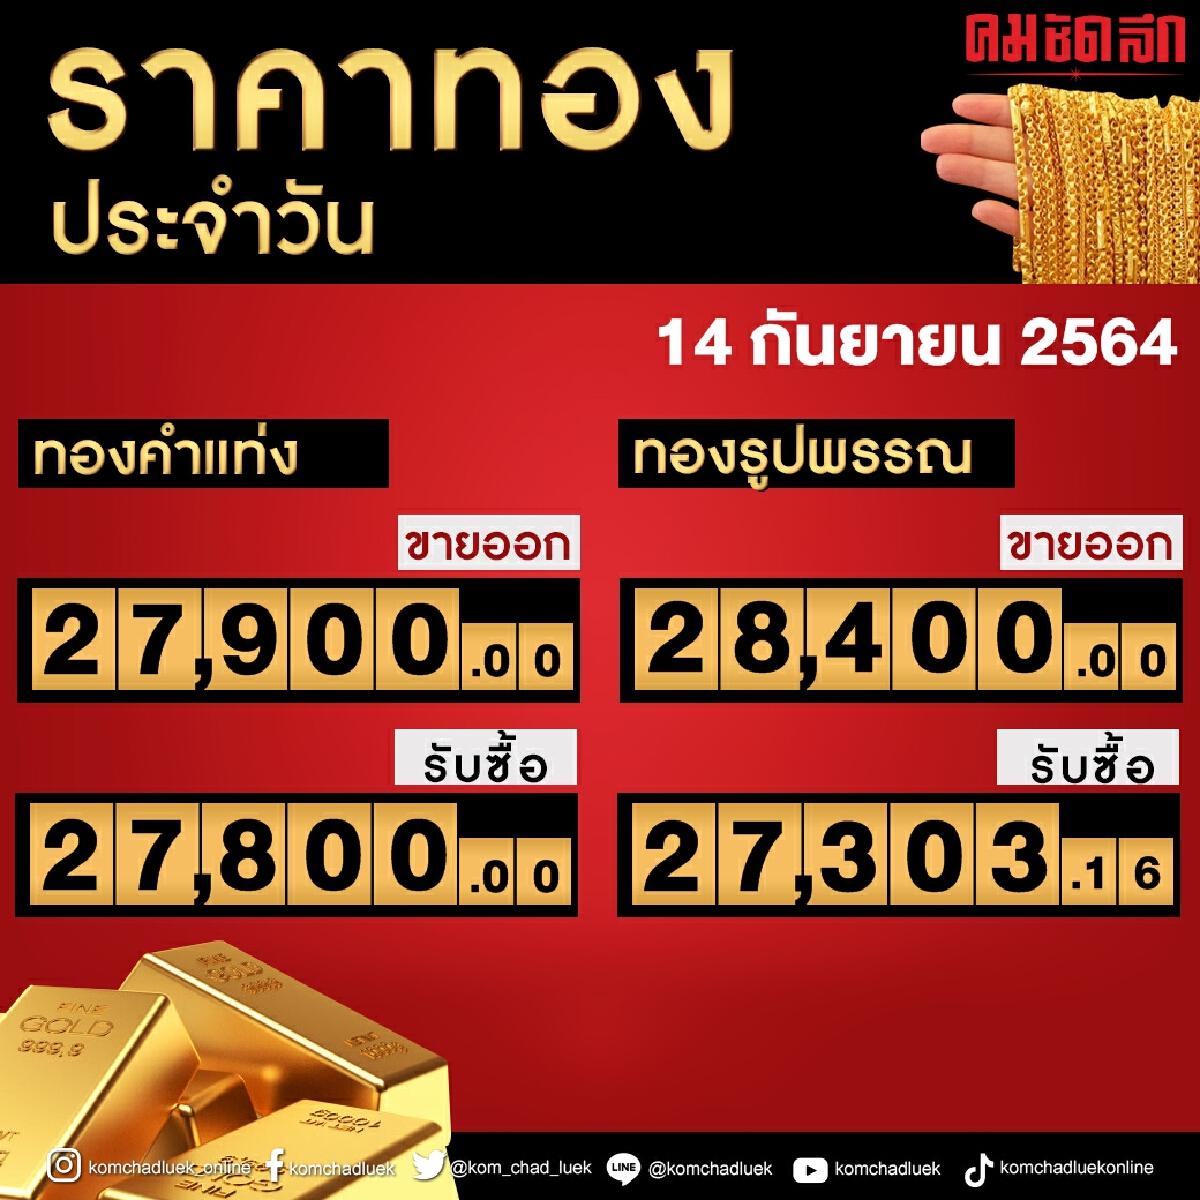 """มาแล้ว """"ราคาทอง"""" ประจำวันที่ 14 กันยายน 2564"""